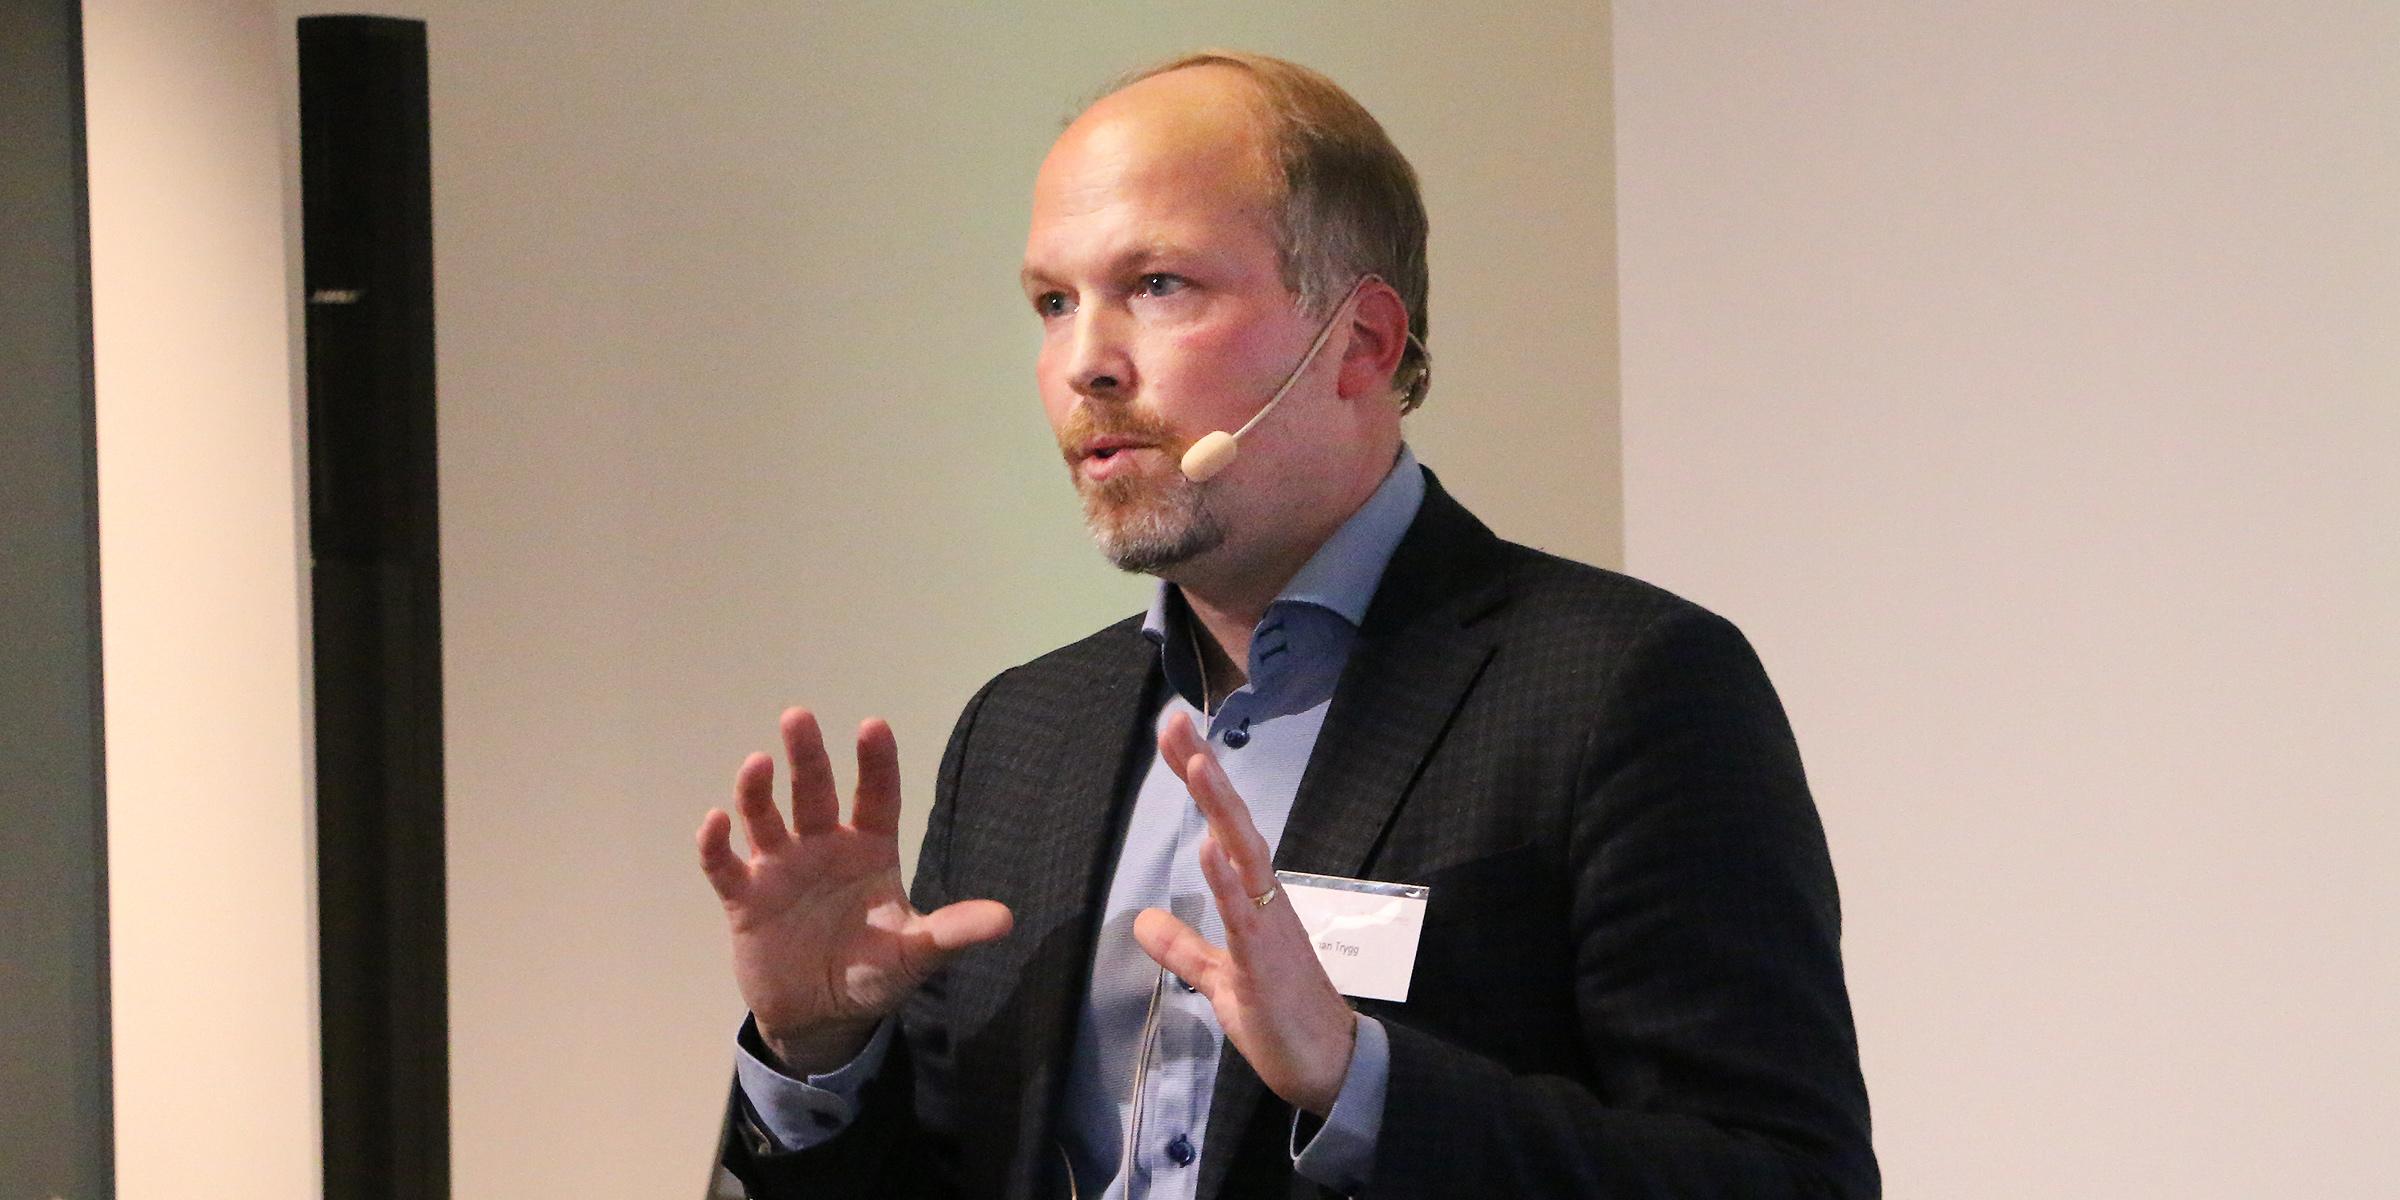 Johan Trygg, forskningsledare för Sartorius i Umeå, ser fram mot ett samarbete med startupbolag, näringsliv, universitet och offentlig sektor i Umeå.